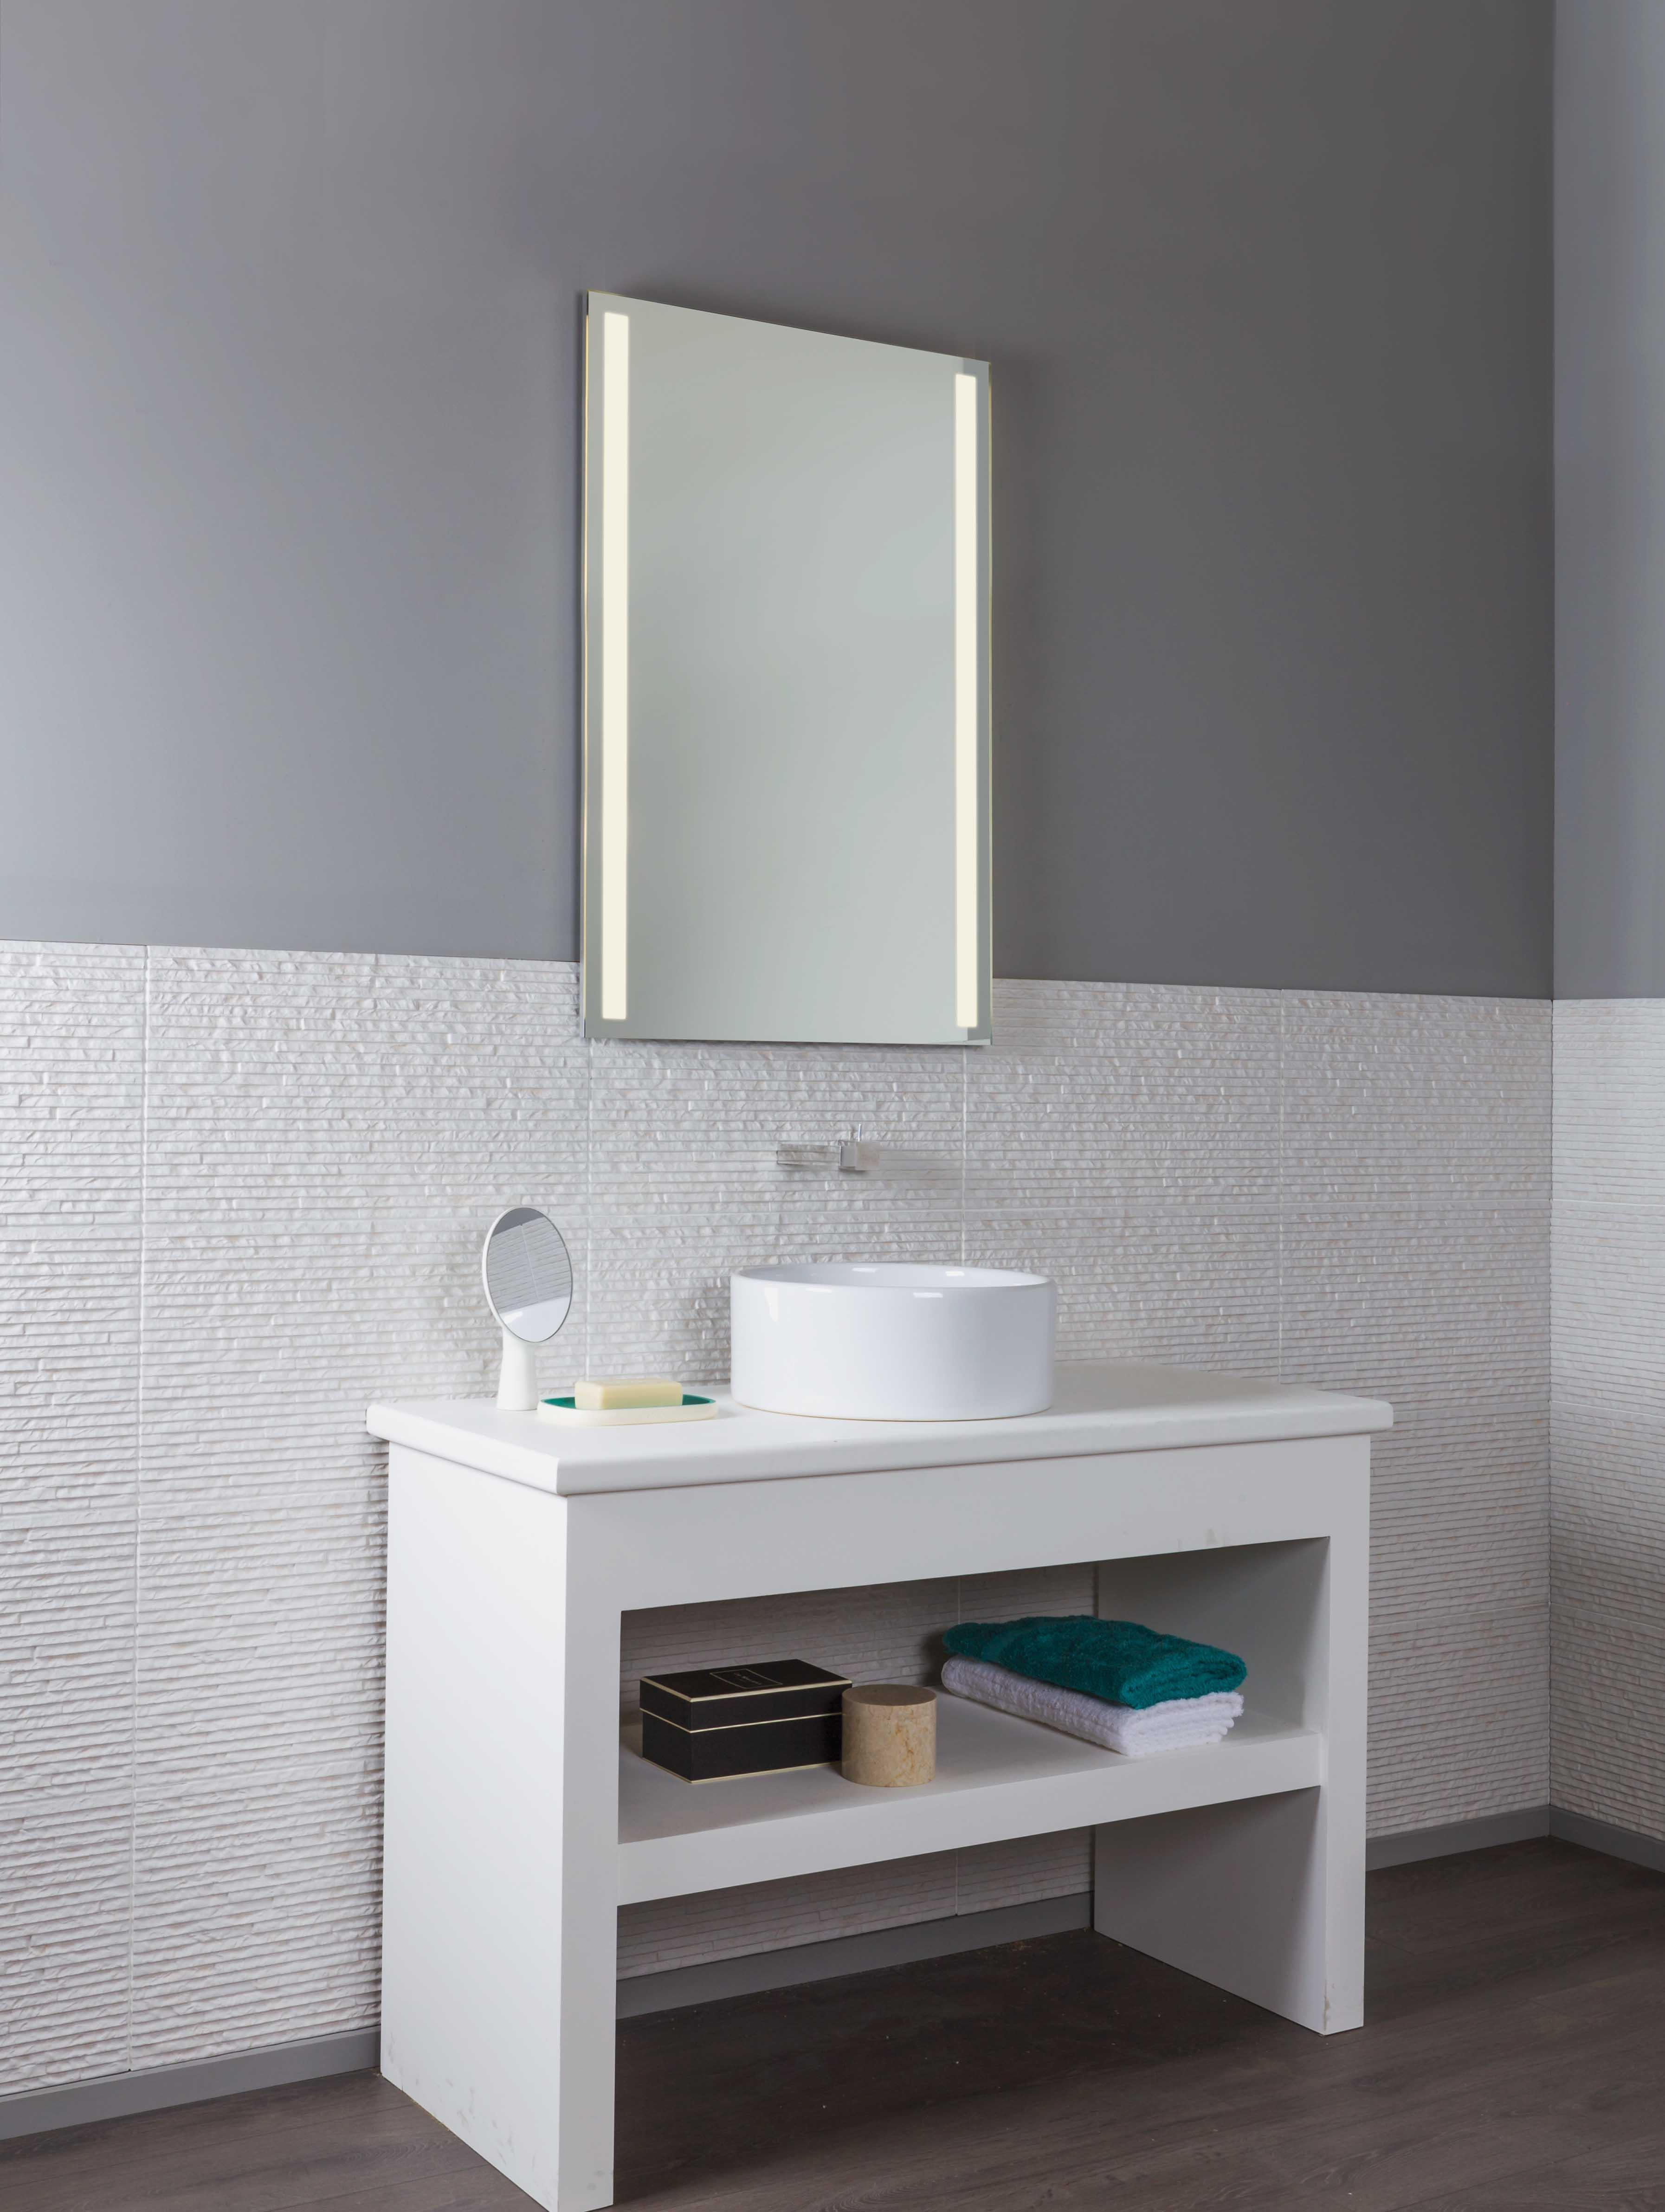 Avlon 900 led specchio luminoso da bagno ip44 citylux - Chiessi e fedi arredo bagno ...